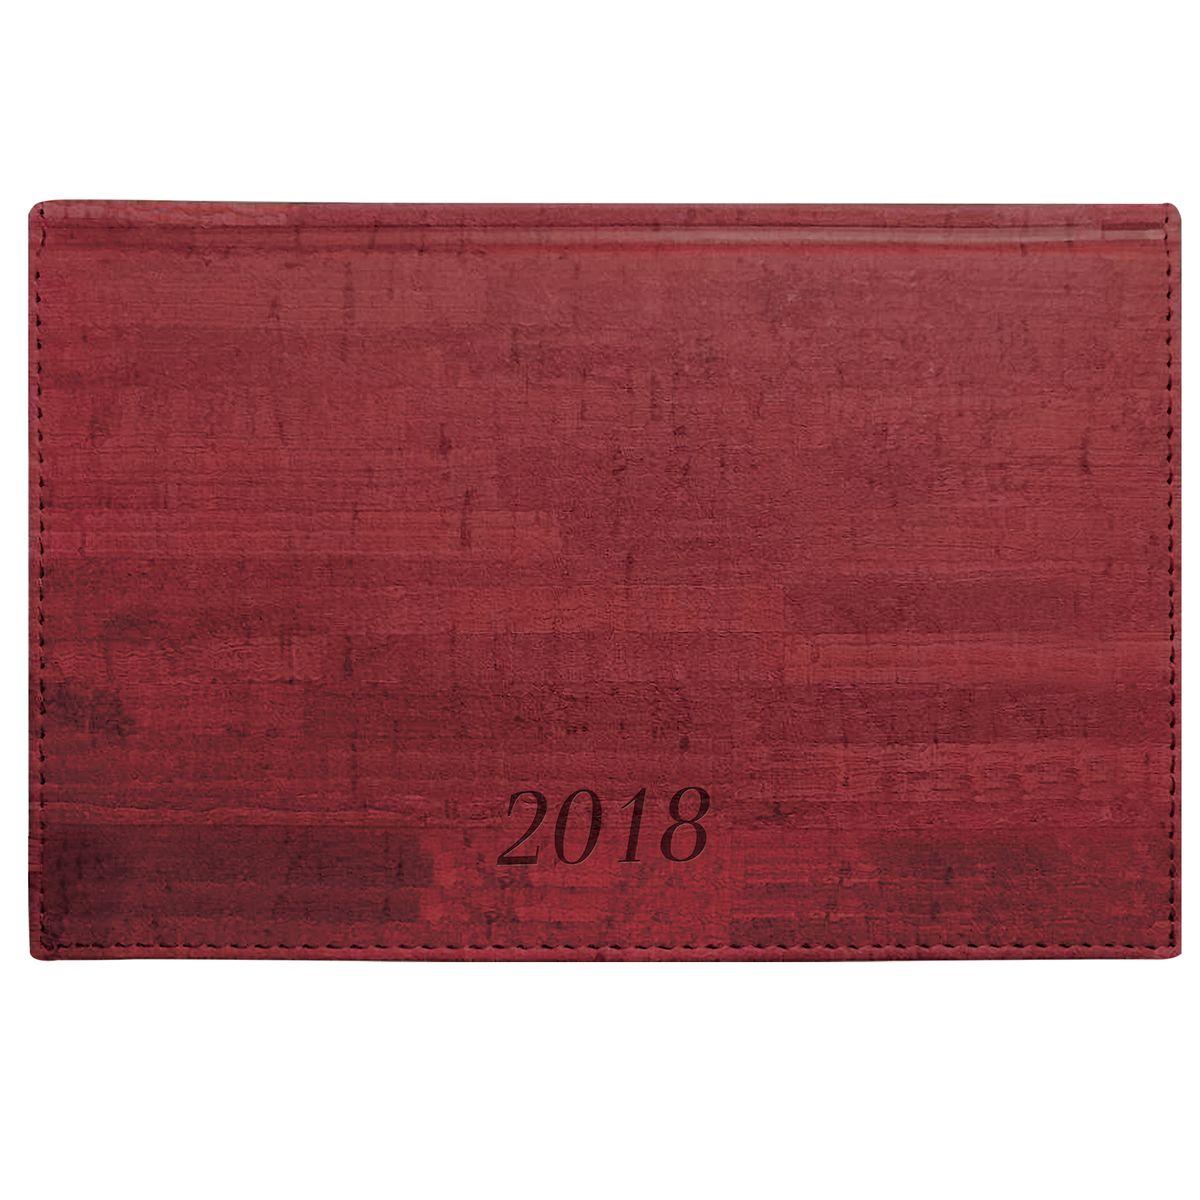 Brauberg Еженедельник датированный Wood 2018 формат А6 цвет бордо128231Формат - А6 (95х155 мм).Датированный 2018 годом.Обложка - благородное дерево.Внутренний блок - белая бумага (офсет), 70 г/м2.64 листа.Печать в две краски.Прошит по периметру.Закладка-ляссе.Обширный справочный материал.Обложка подходит для горячего тиснения и тиснения фольгой.Цвет - бордовый.